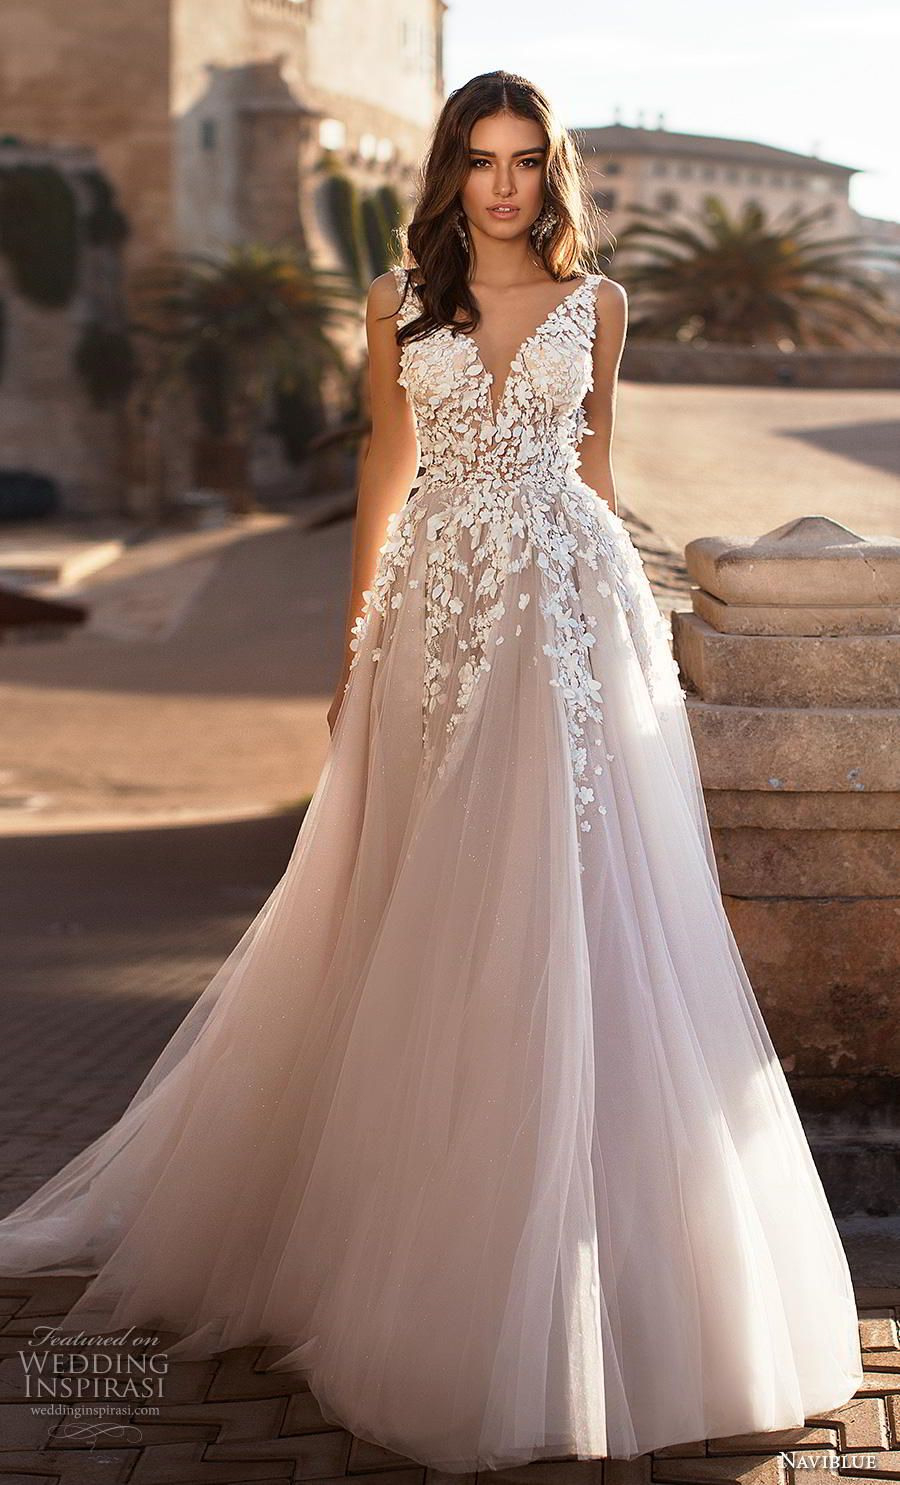 Naviblue 2019 Brautkleider | Hochzeitskleid, Kleid Hochzeit